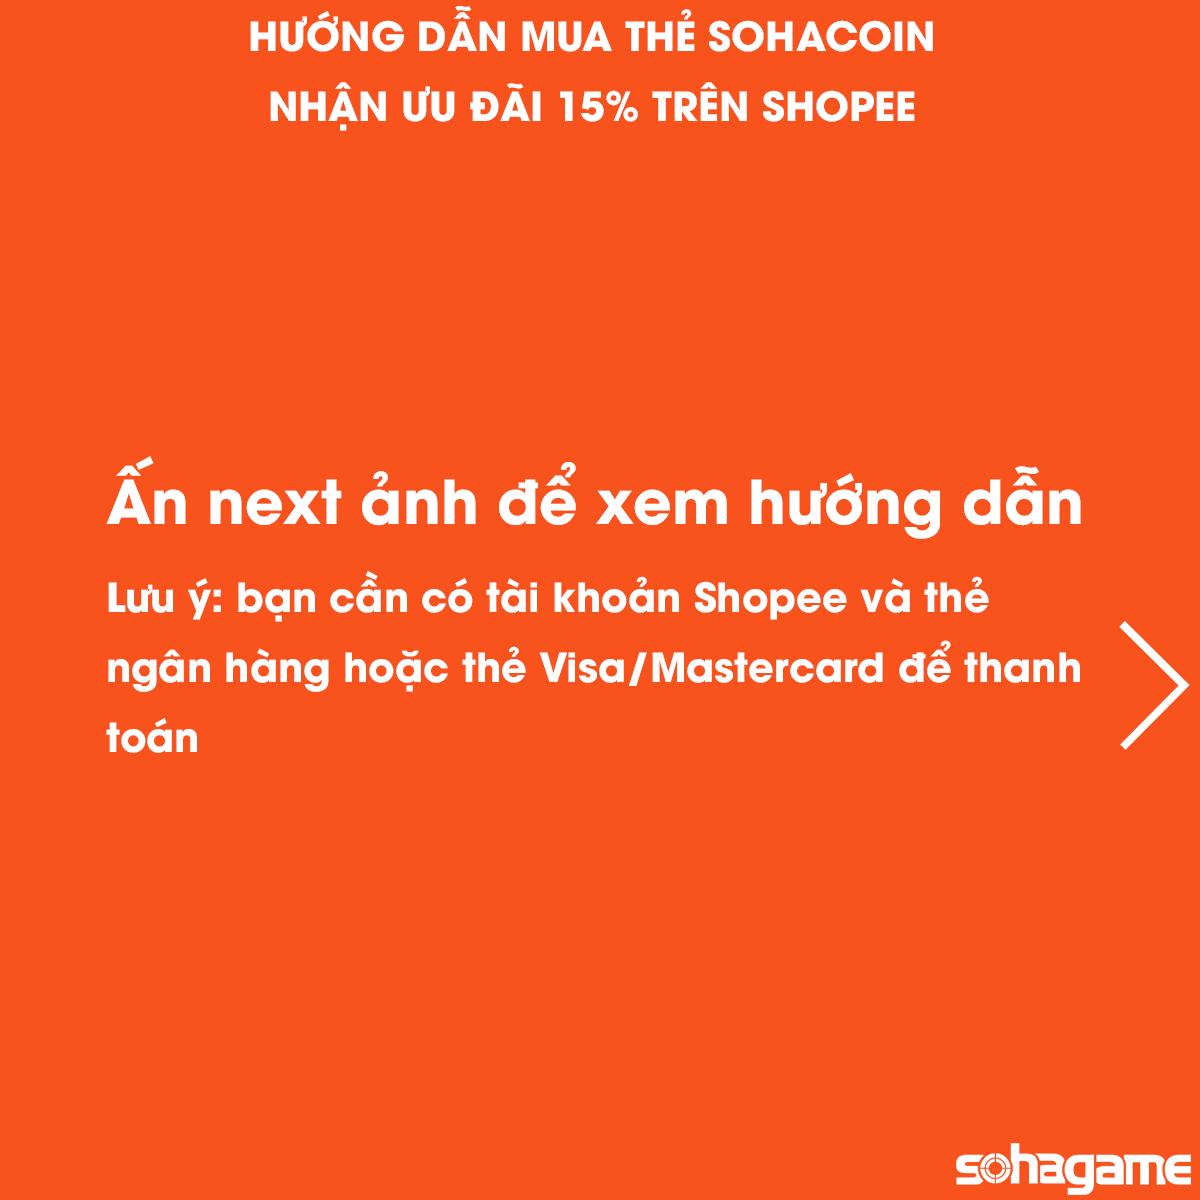 GIẢM 15% KHI MUA THẺ SOHACOIN TRÊN SHOPEE - 2